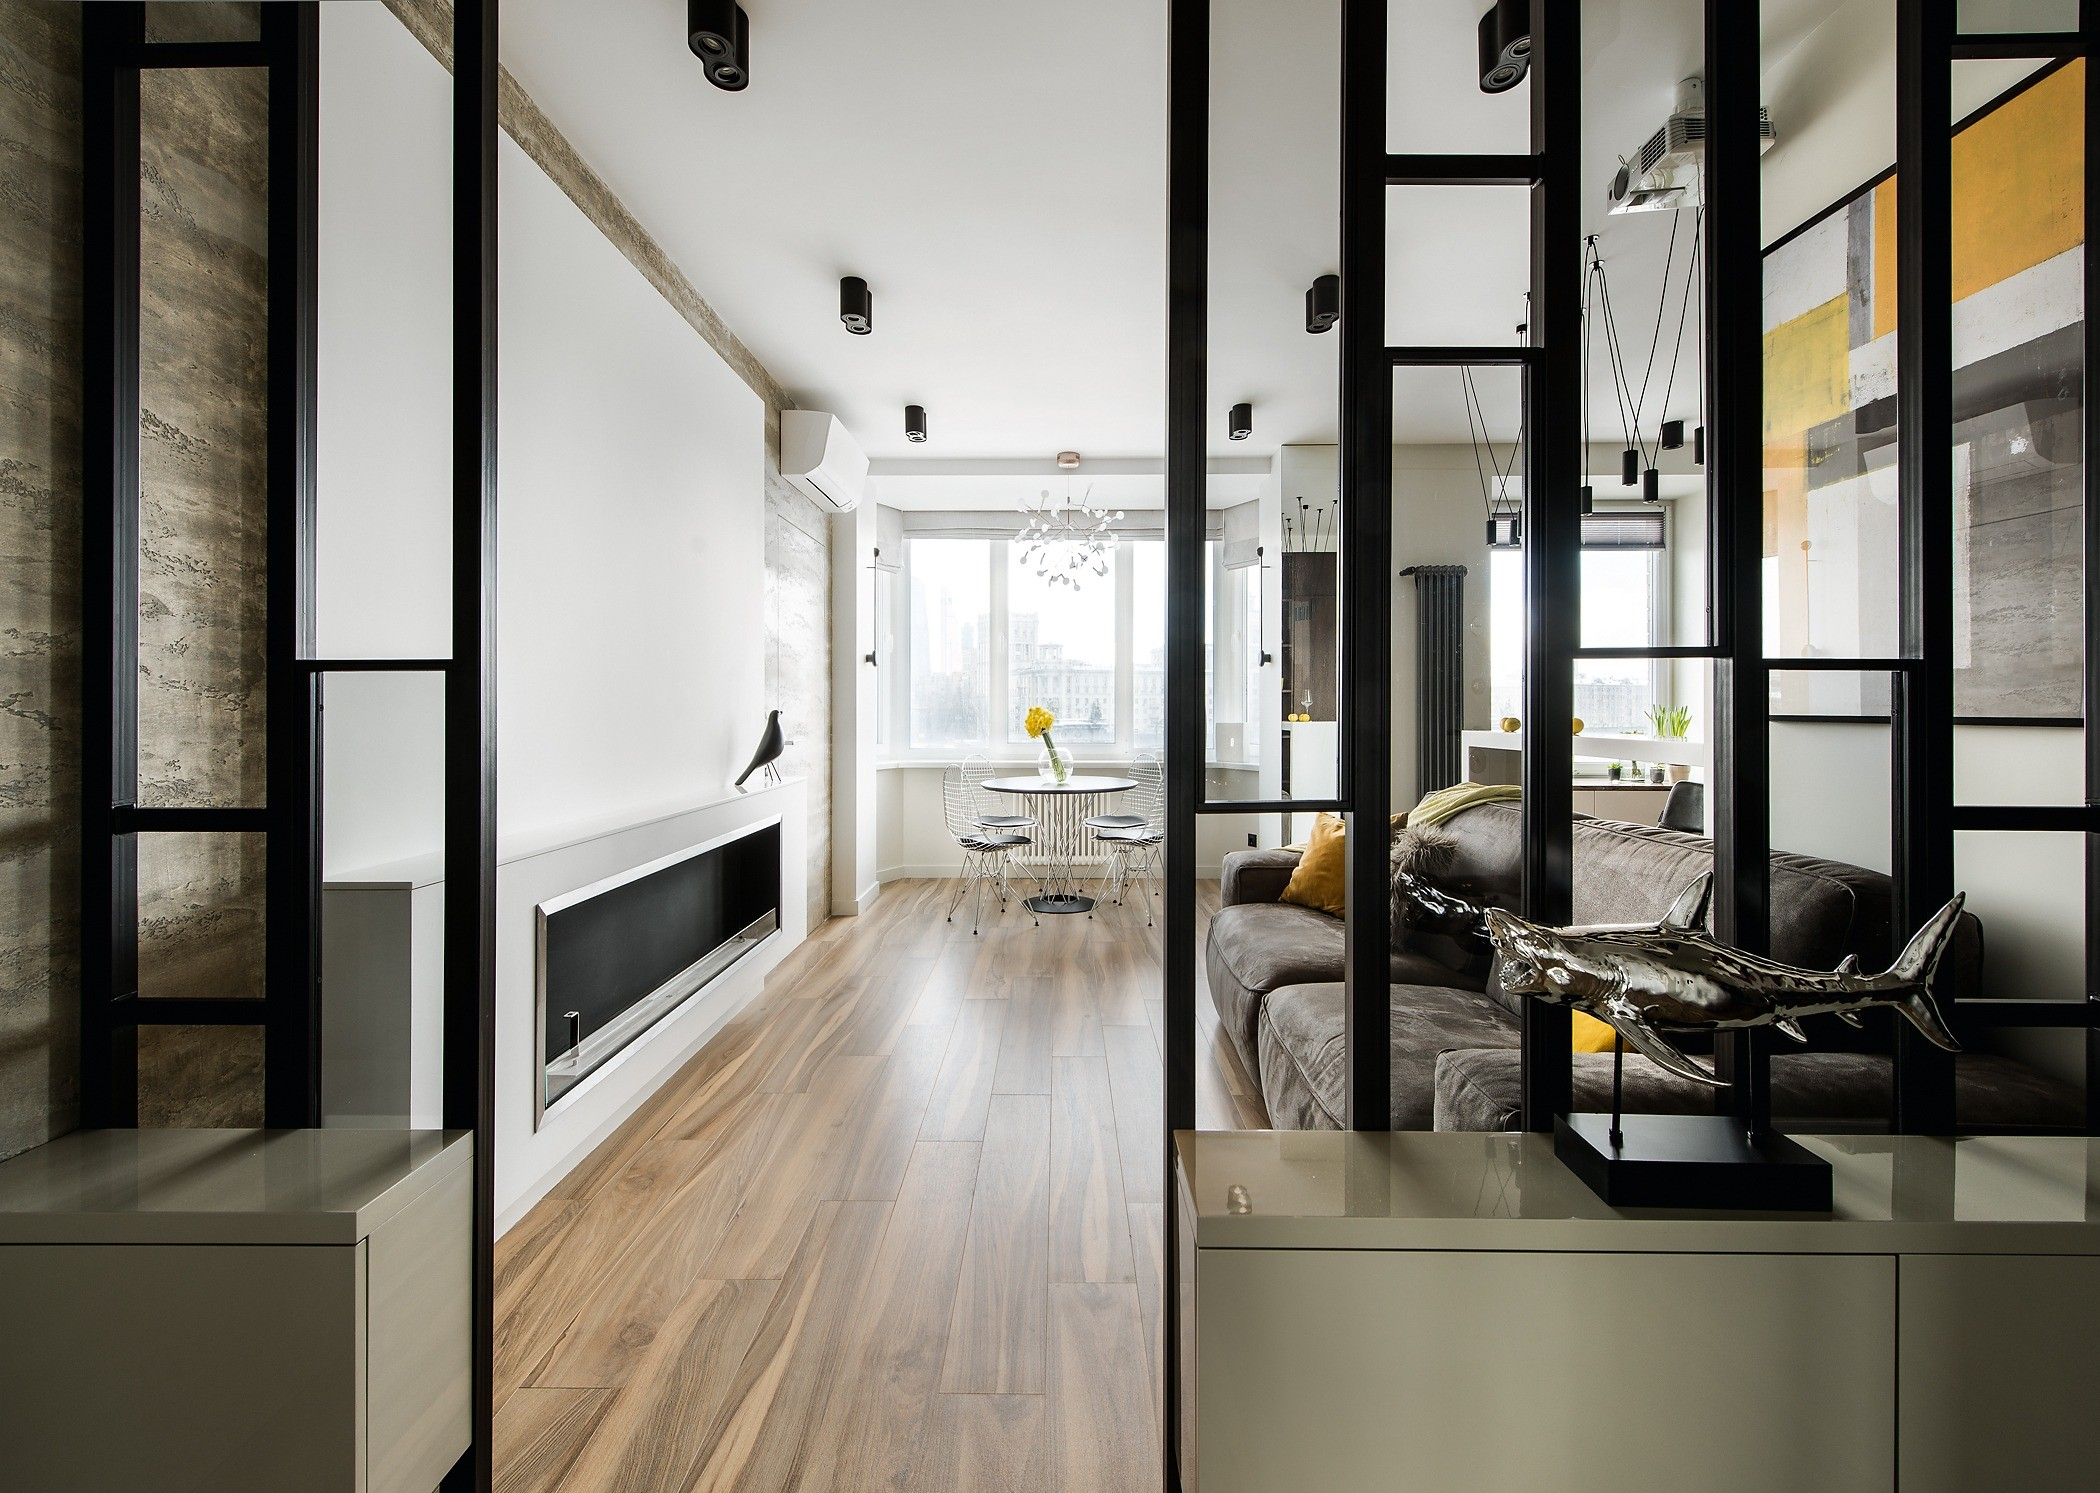 Раскладной диван в гостиной может служить спальным местом. Пол встудии облицован плиткой под дерево ― красиво ипрактично